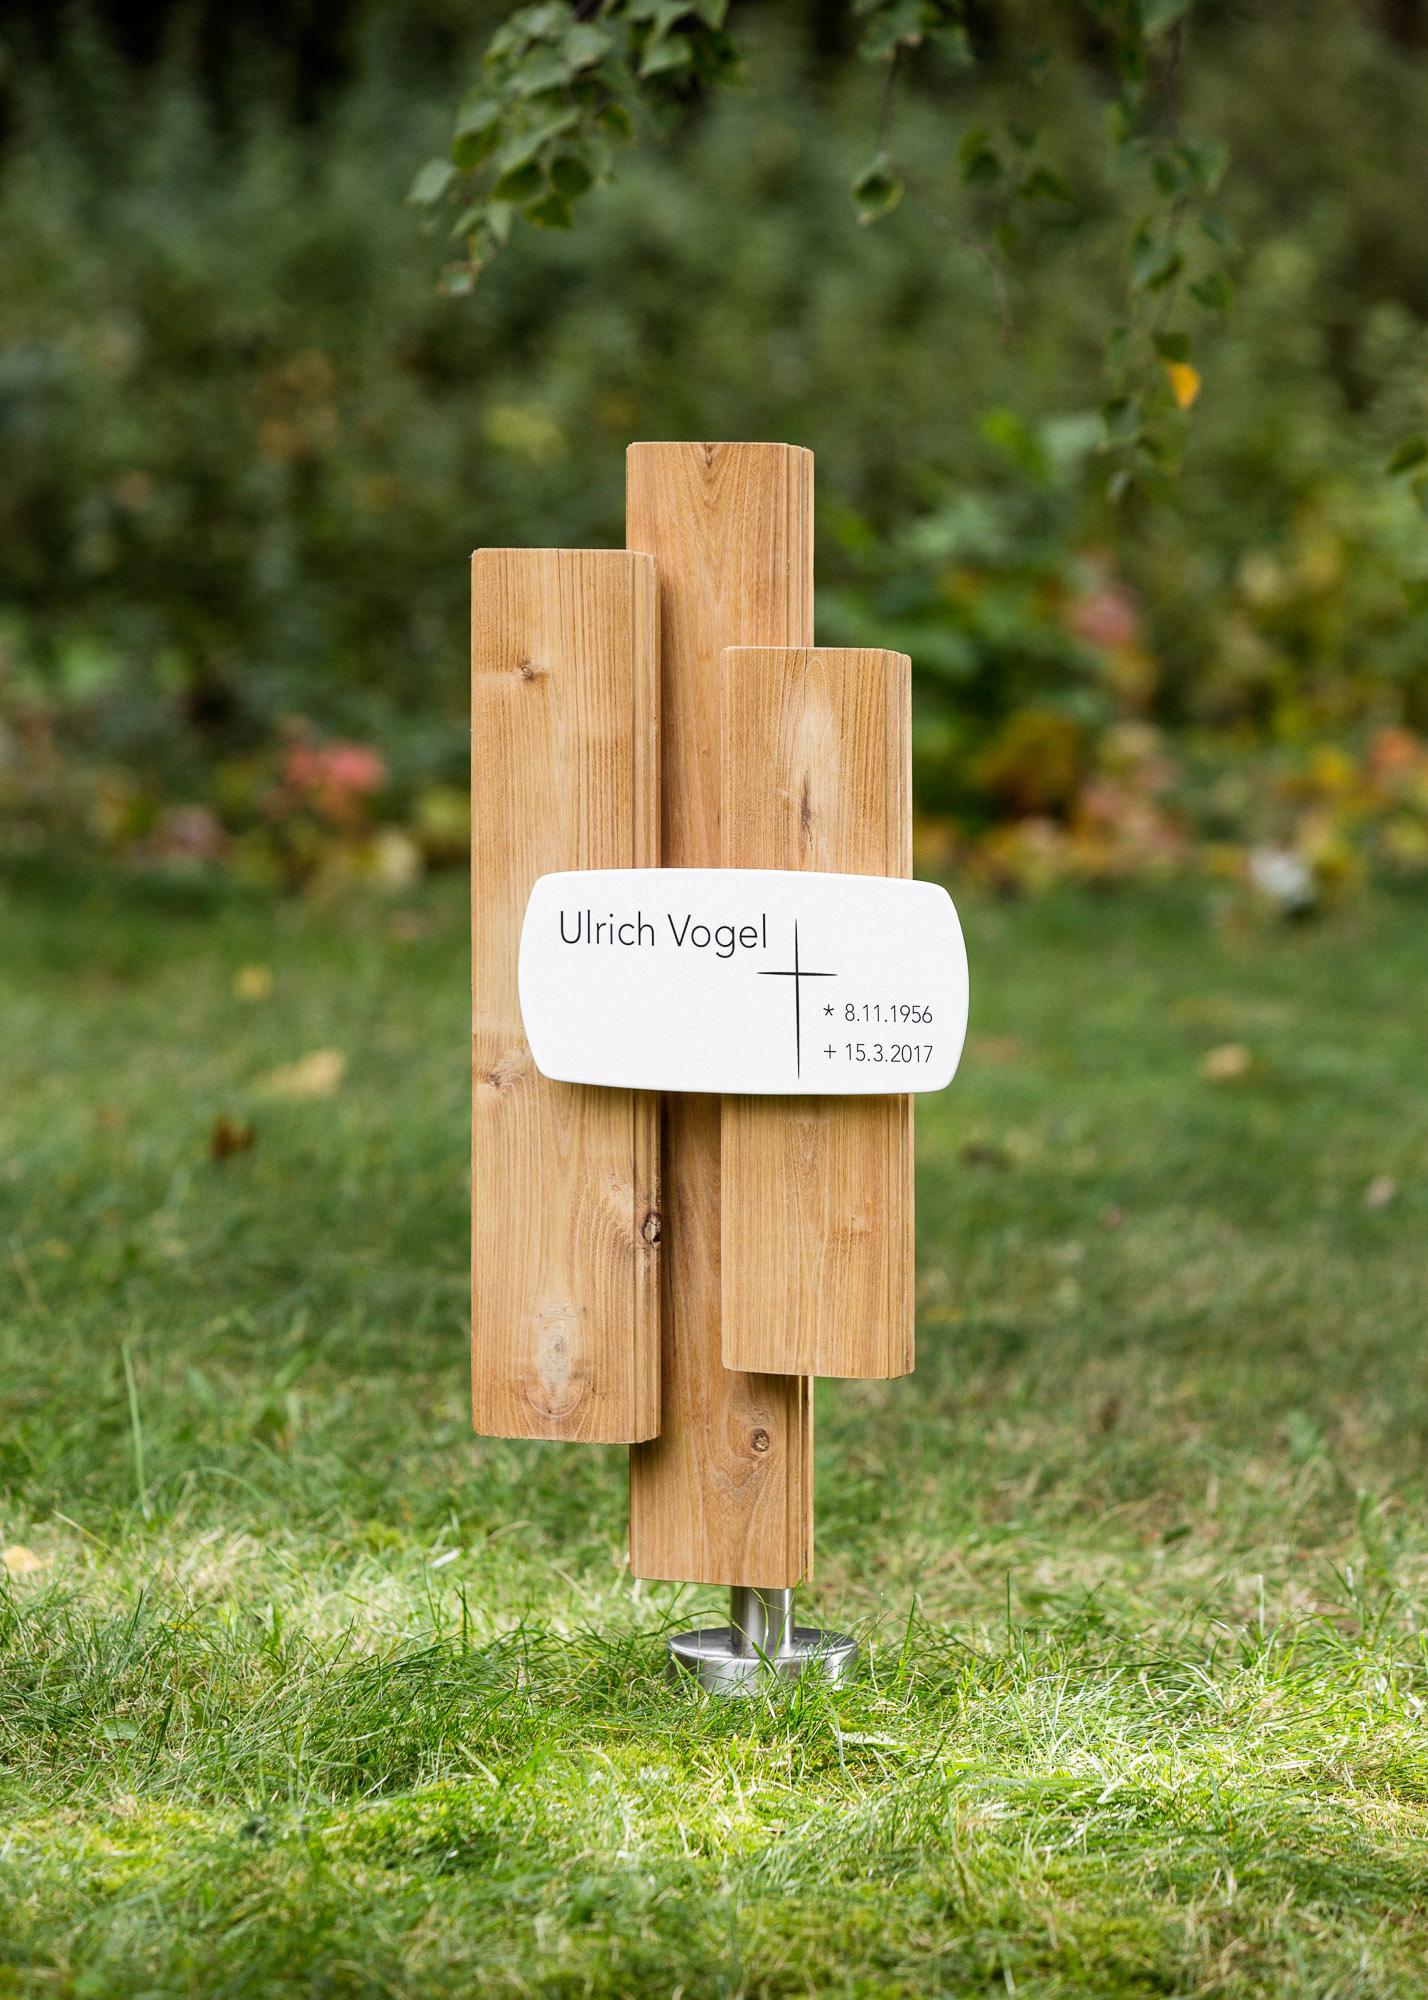 Holzgrabmal aus profilierten Lamellen mit langer Emailletafel als Alternative zum Grabstein